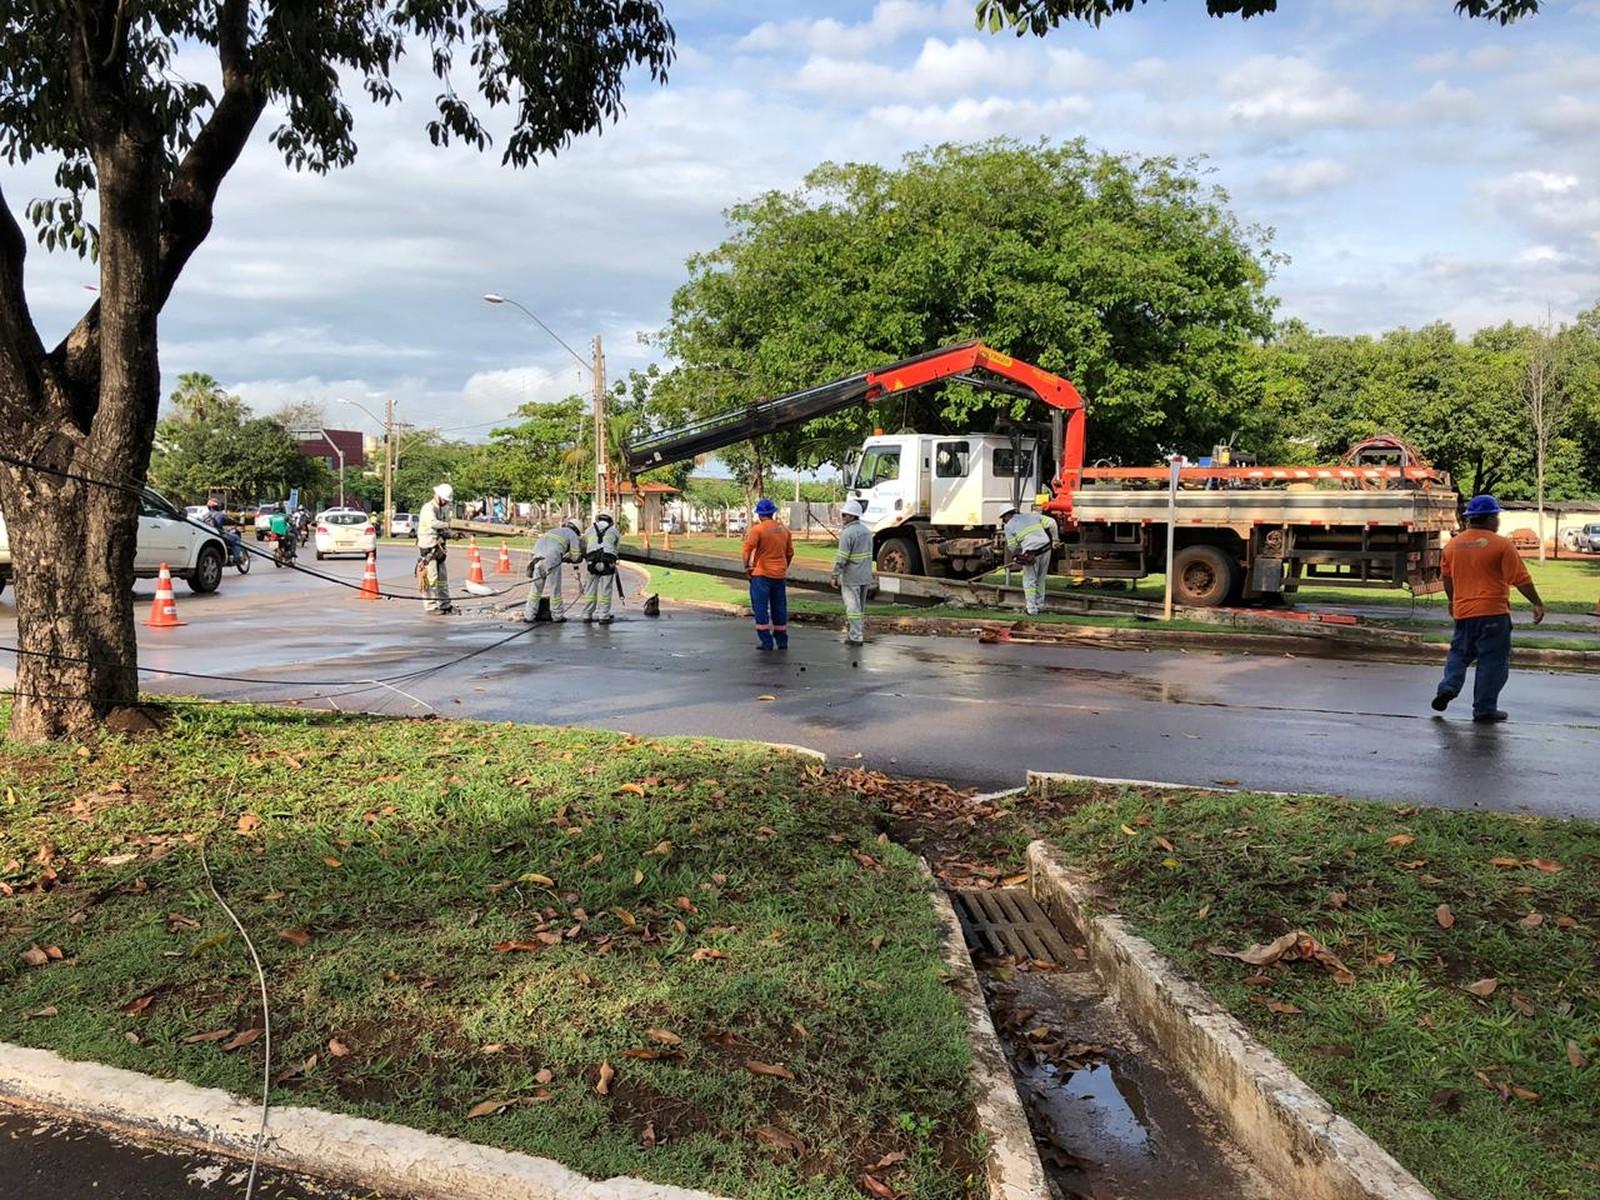 Carro derruba poste e moradores ficam sem energia na região sul de Palmas